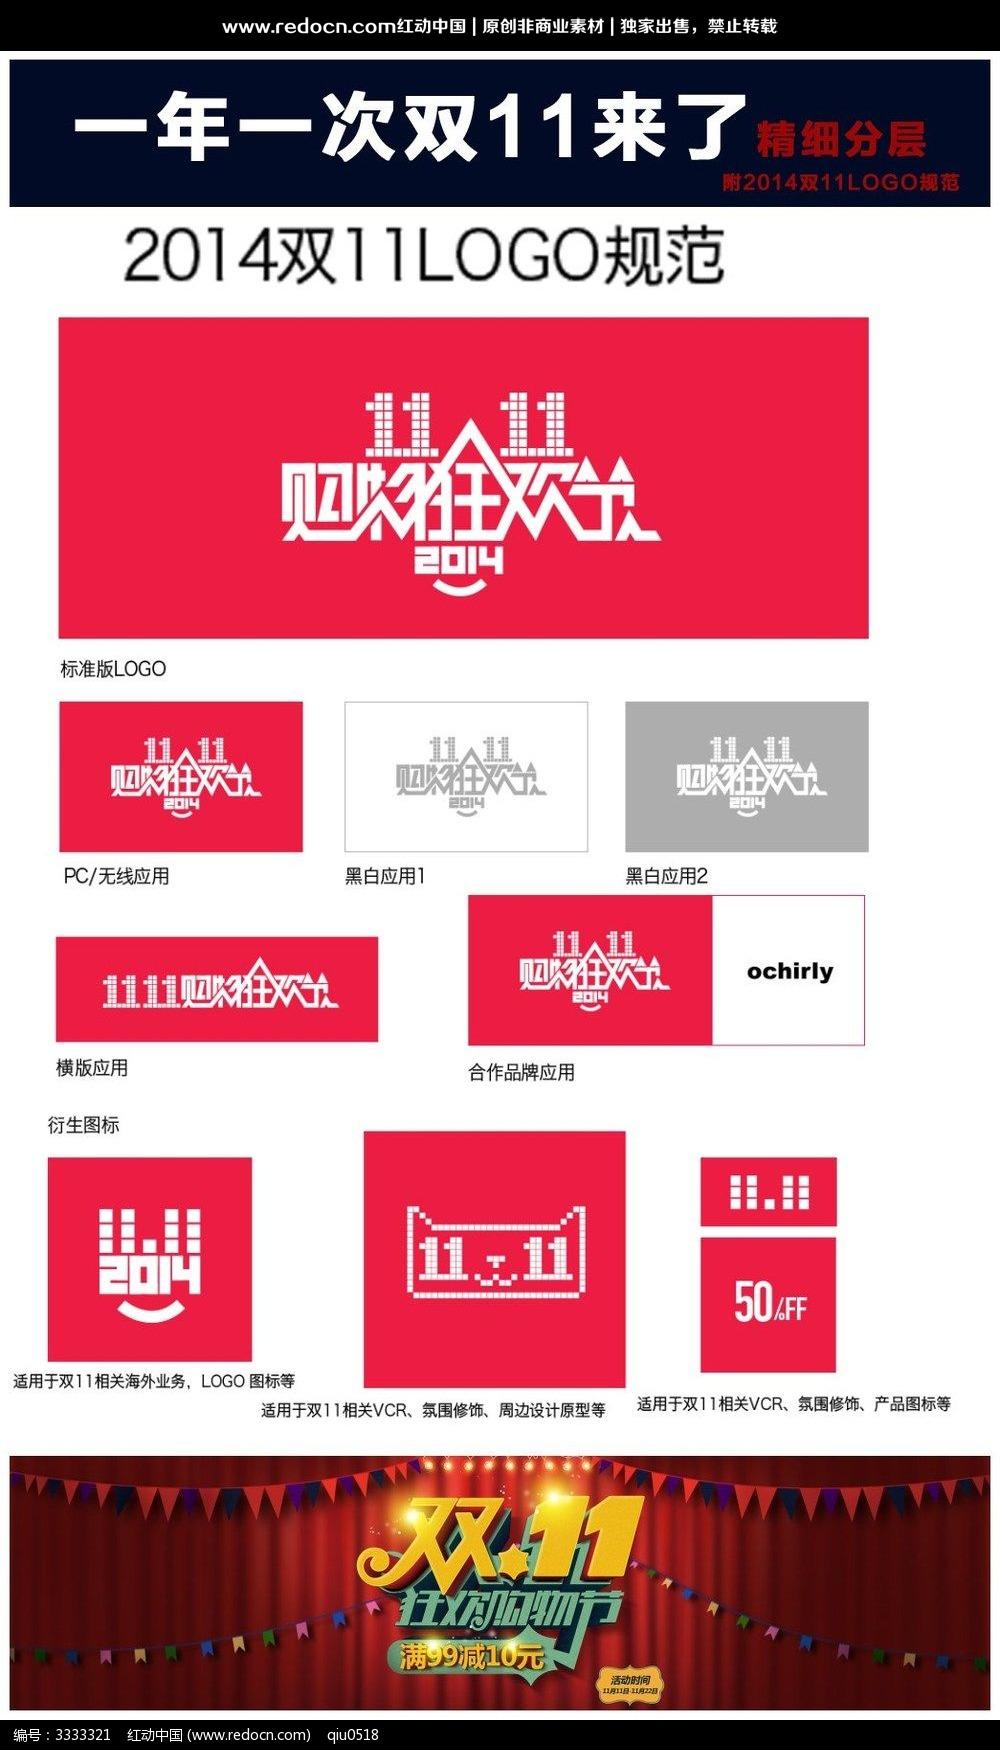 2014双十一logo规范应用模板